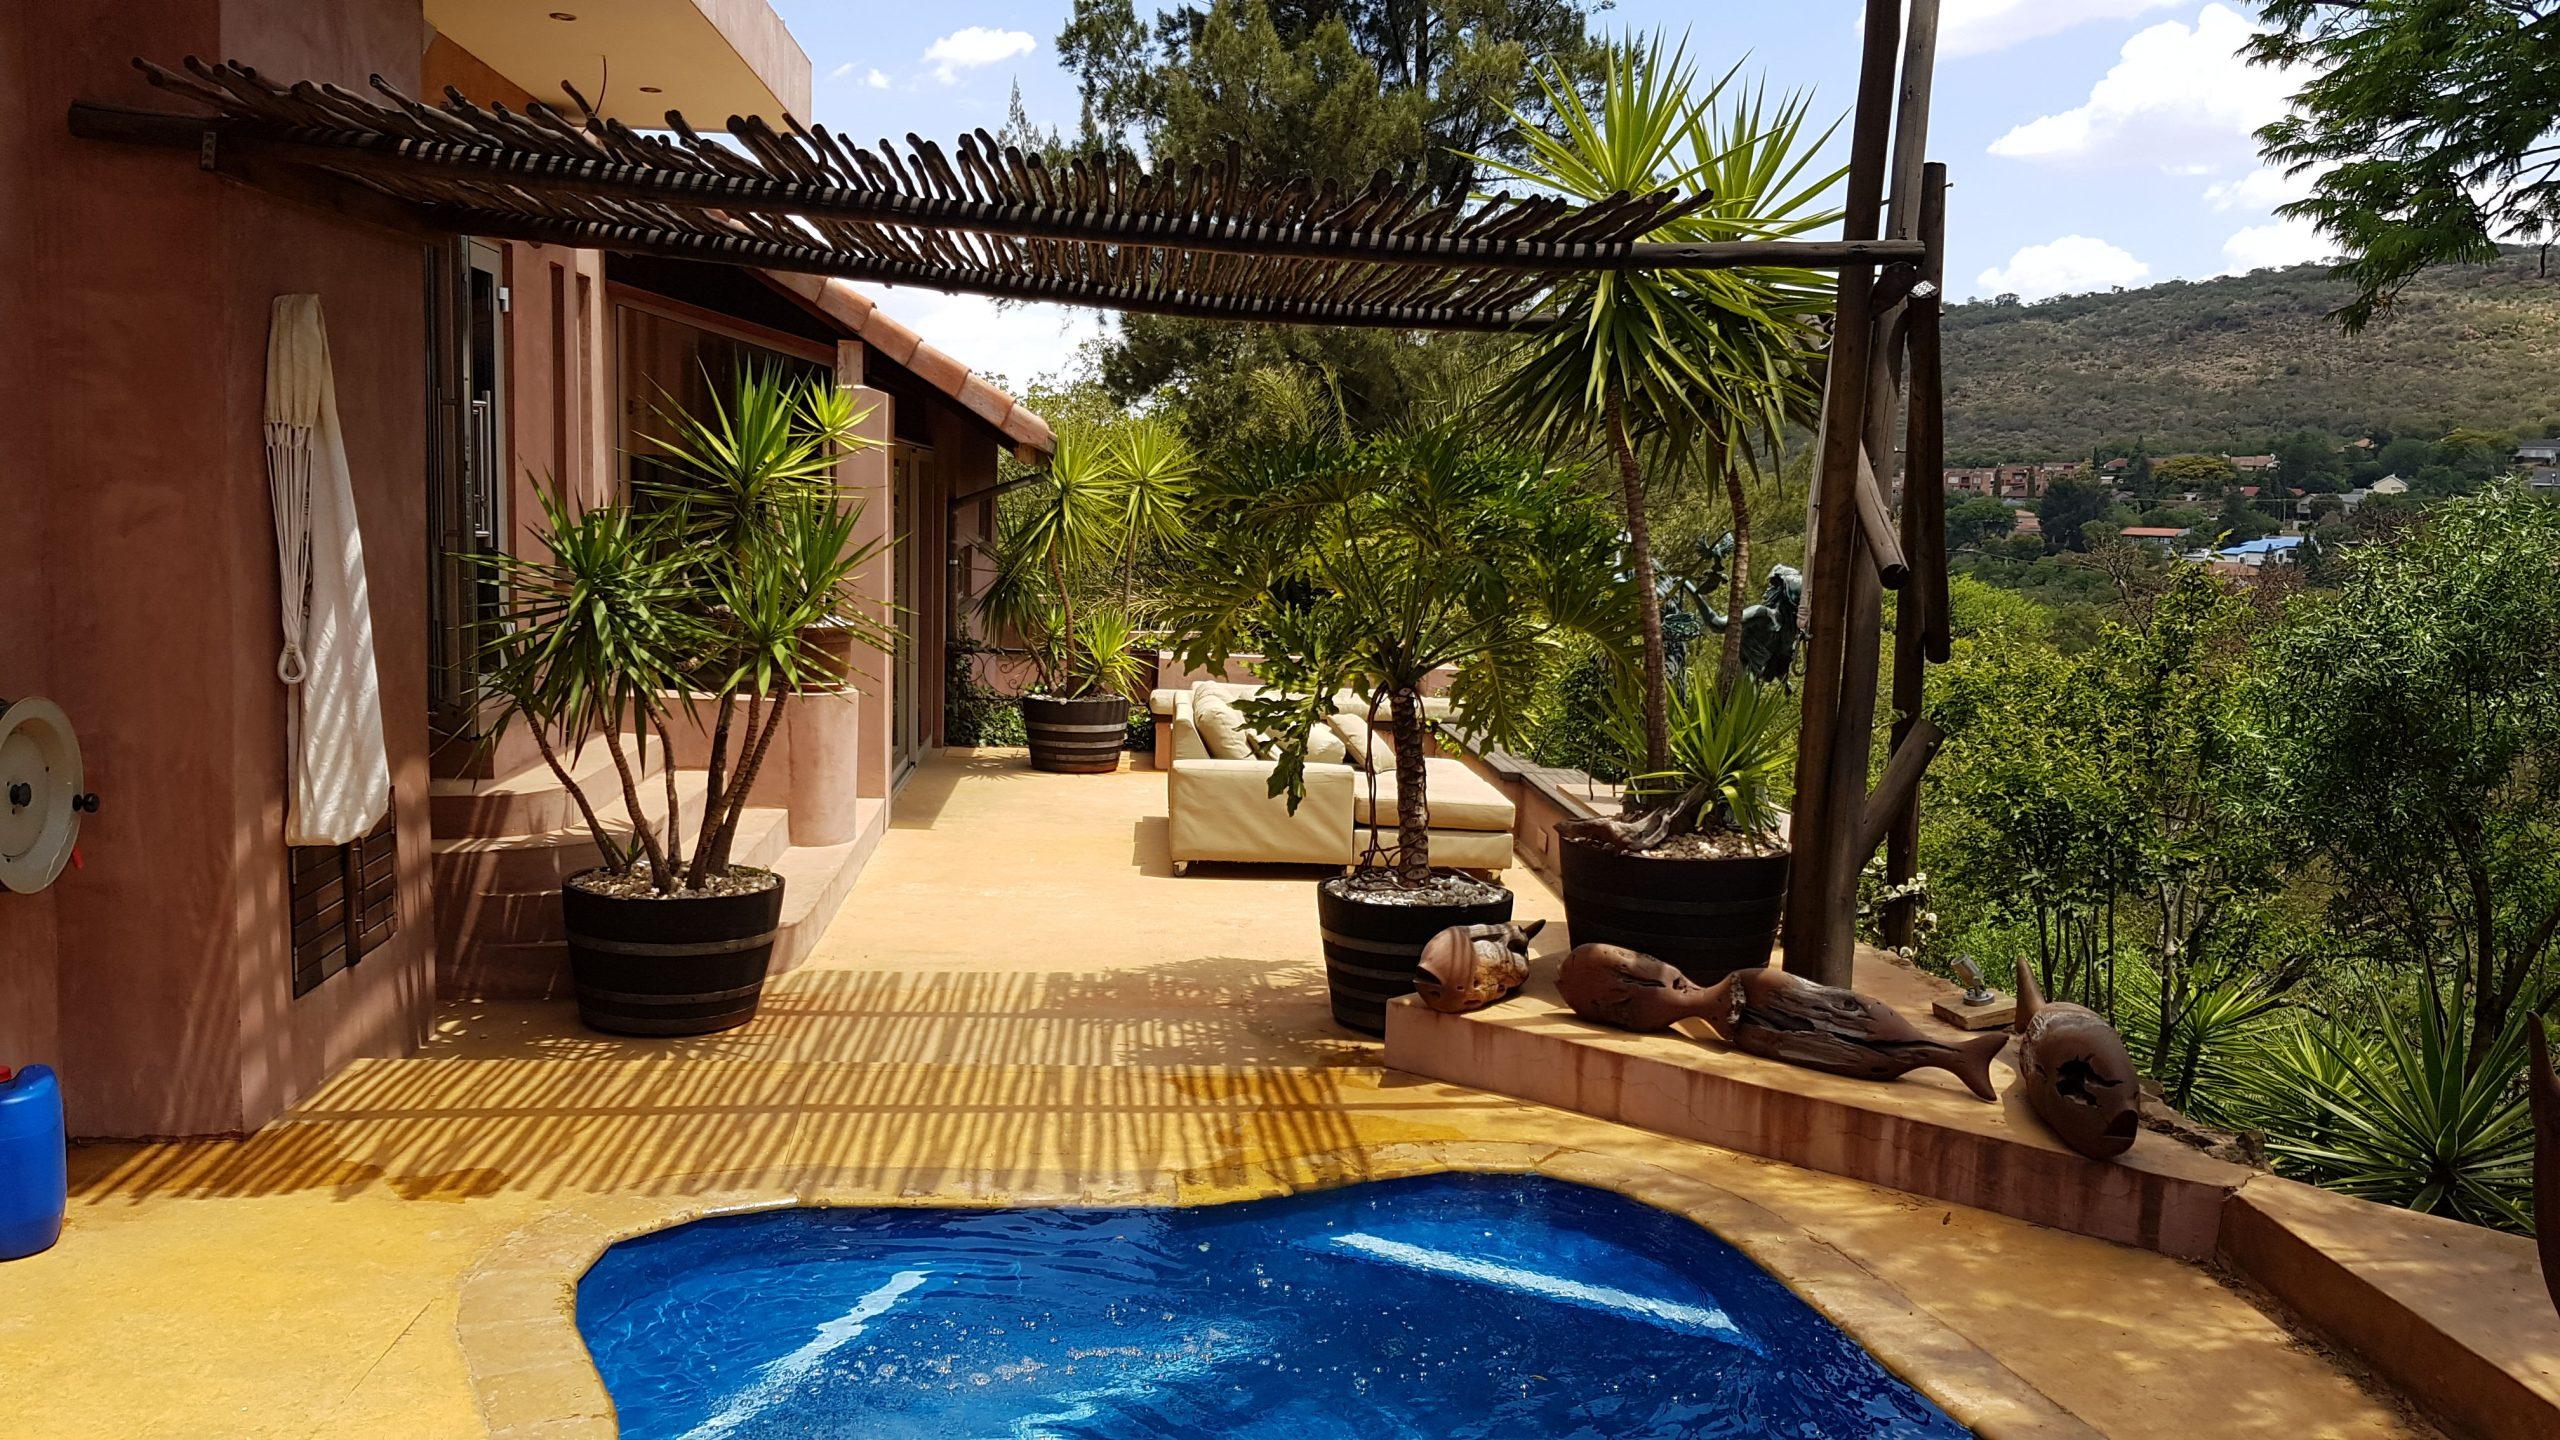 Boutique Hotel at Kliprivier Nature Reserve, Johannesburg 10